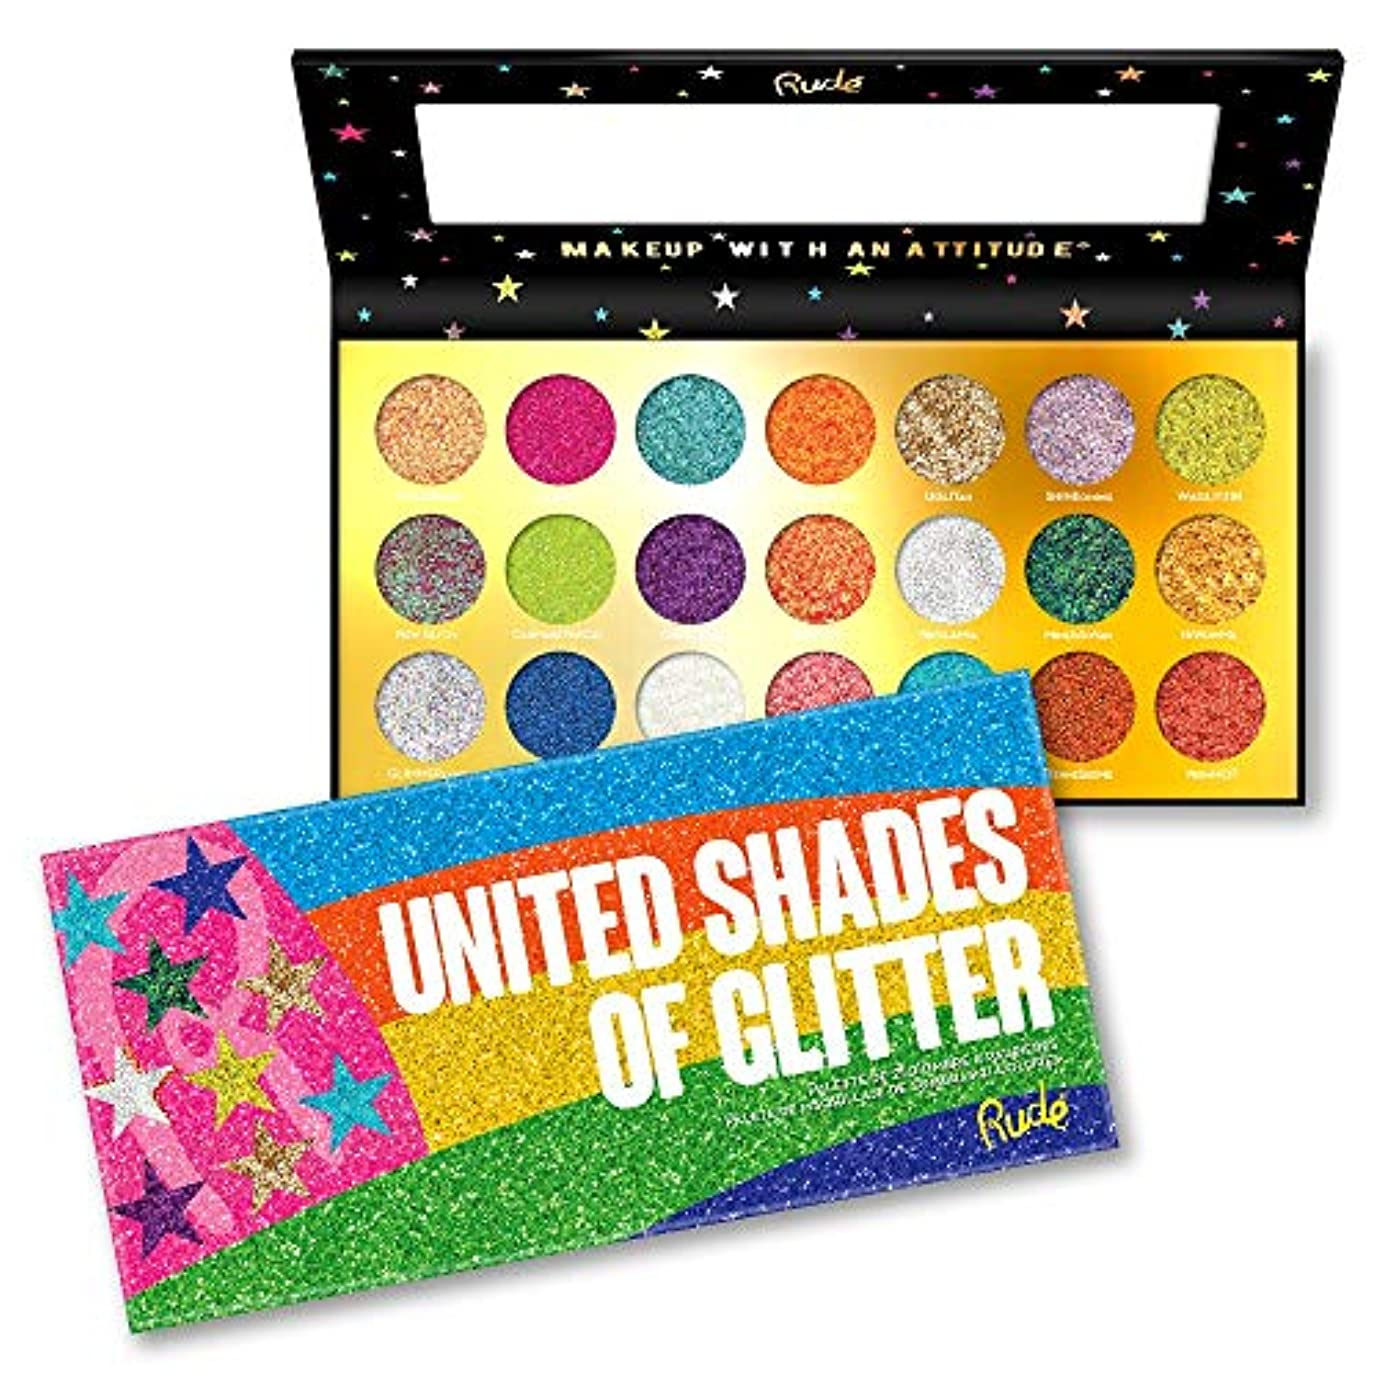 スローガン爆弾強化RUDE? United Shades of Glitter - 21 Pressed Glitter Palette (並行輸入品)